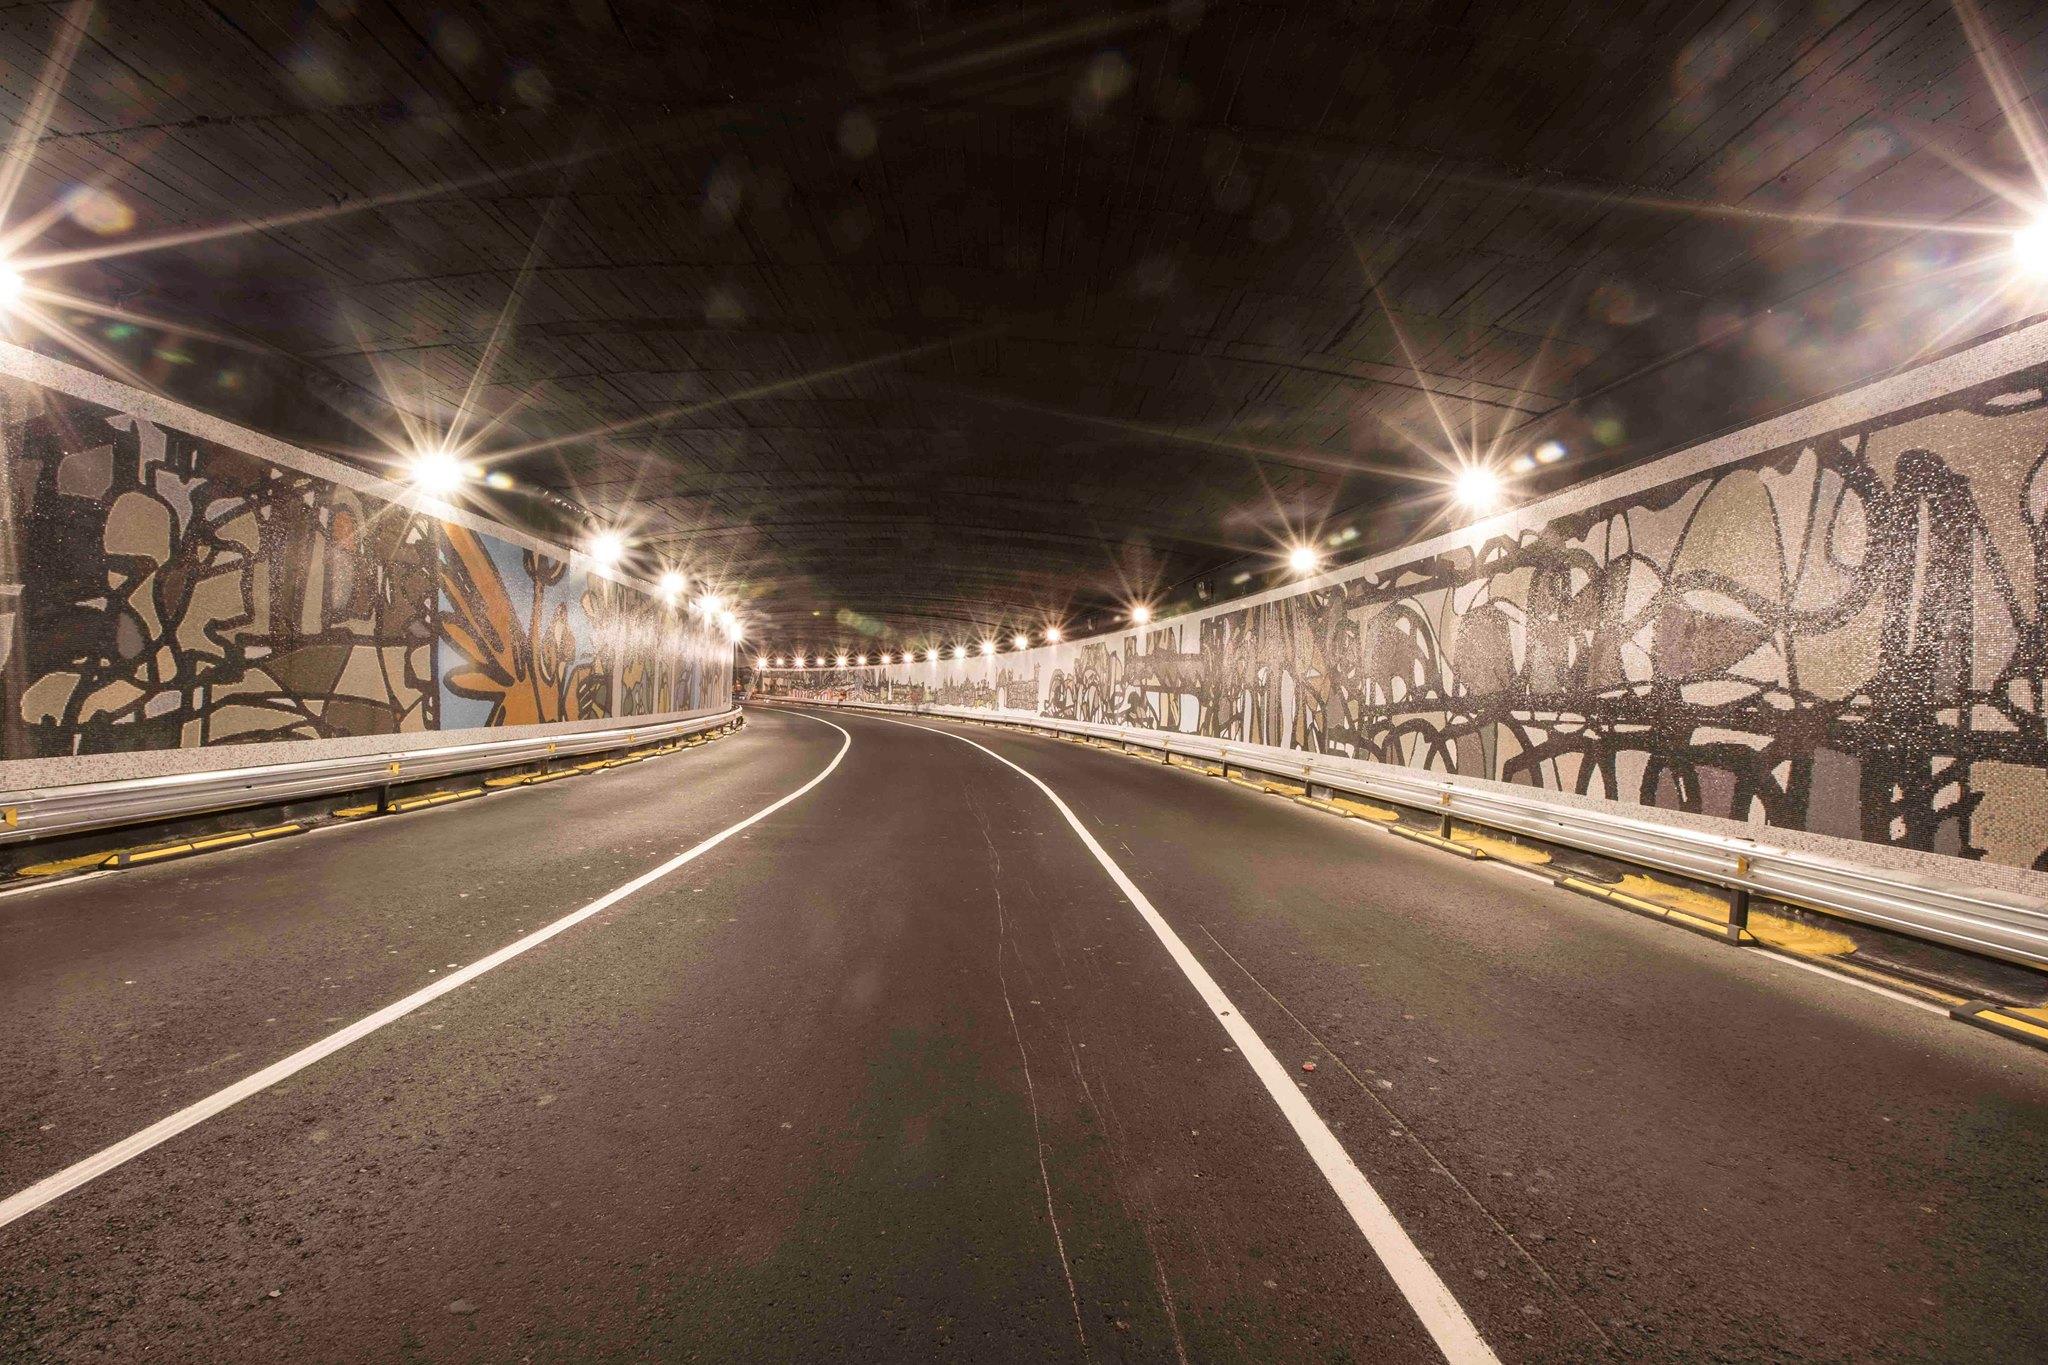 mural-bajo-el-puente-20-noviembre-mvm-studios